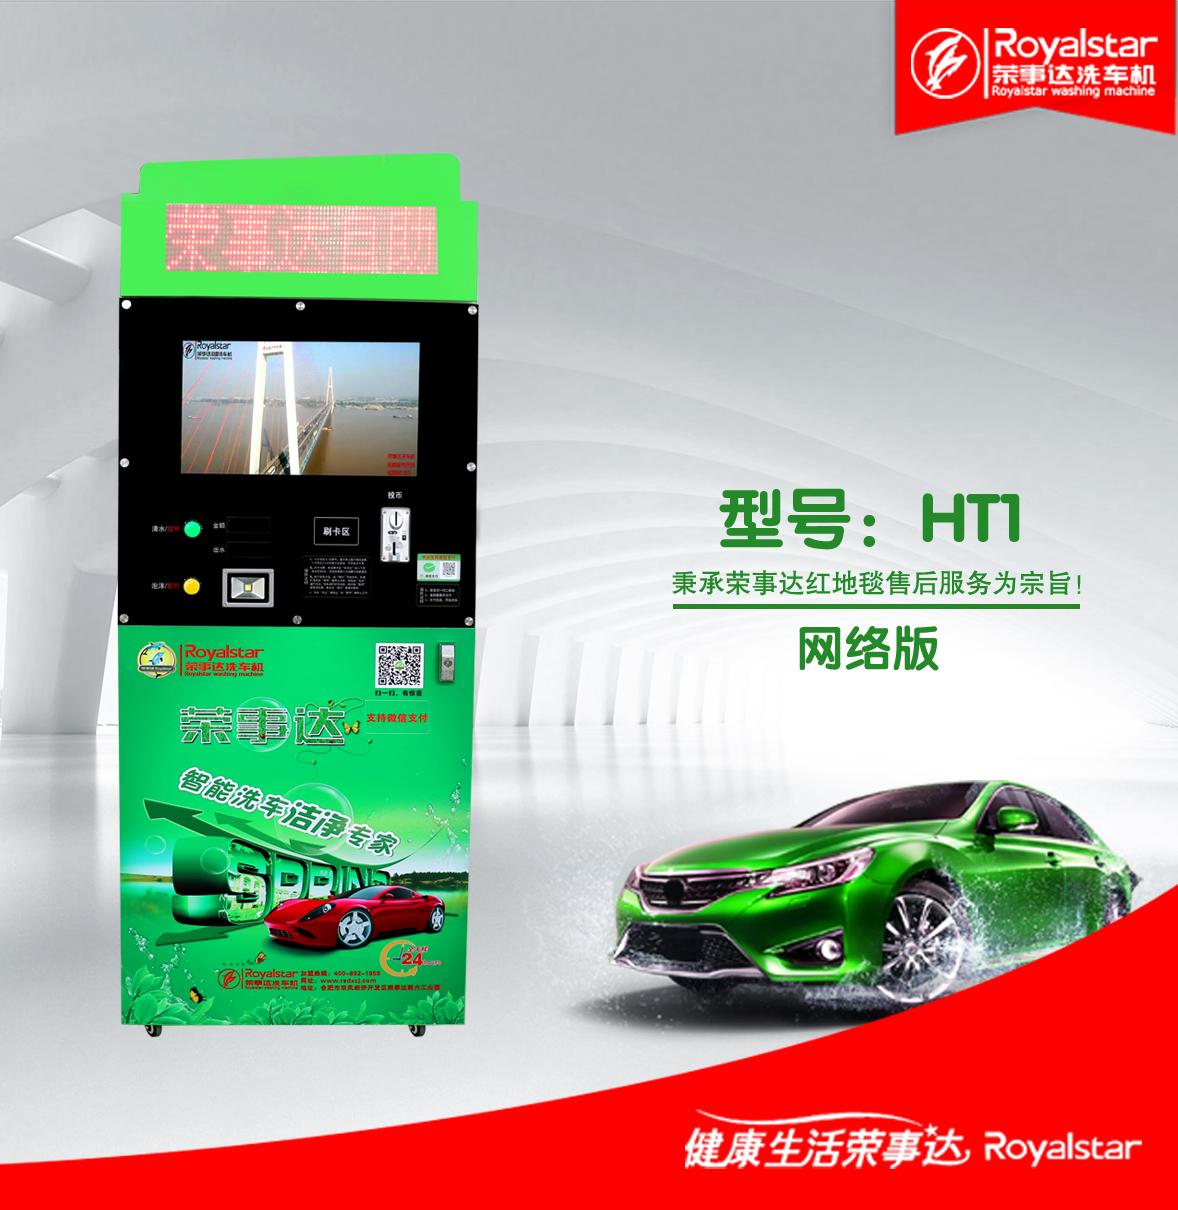 华晨宇经纪人录音,荣事达自助洗车全程保护您的爱车-- 合肥荣尚电子电器有限责任公司